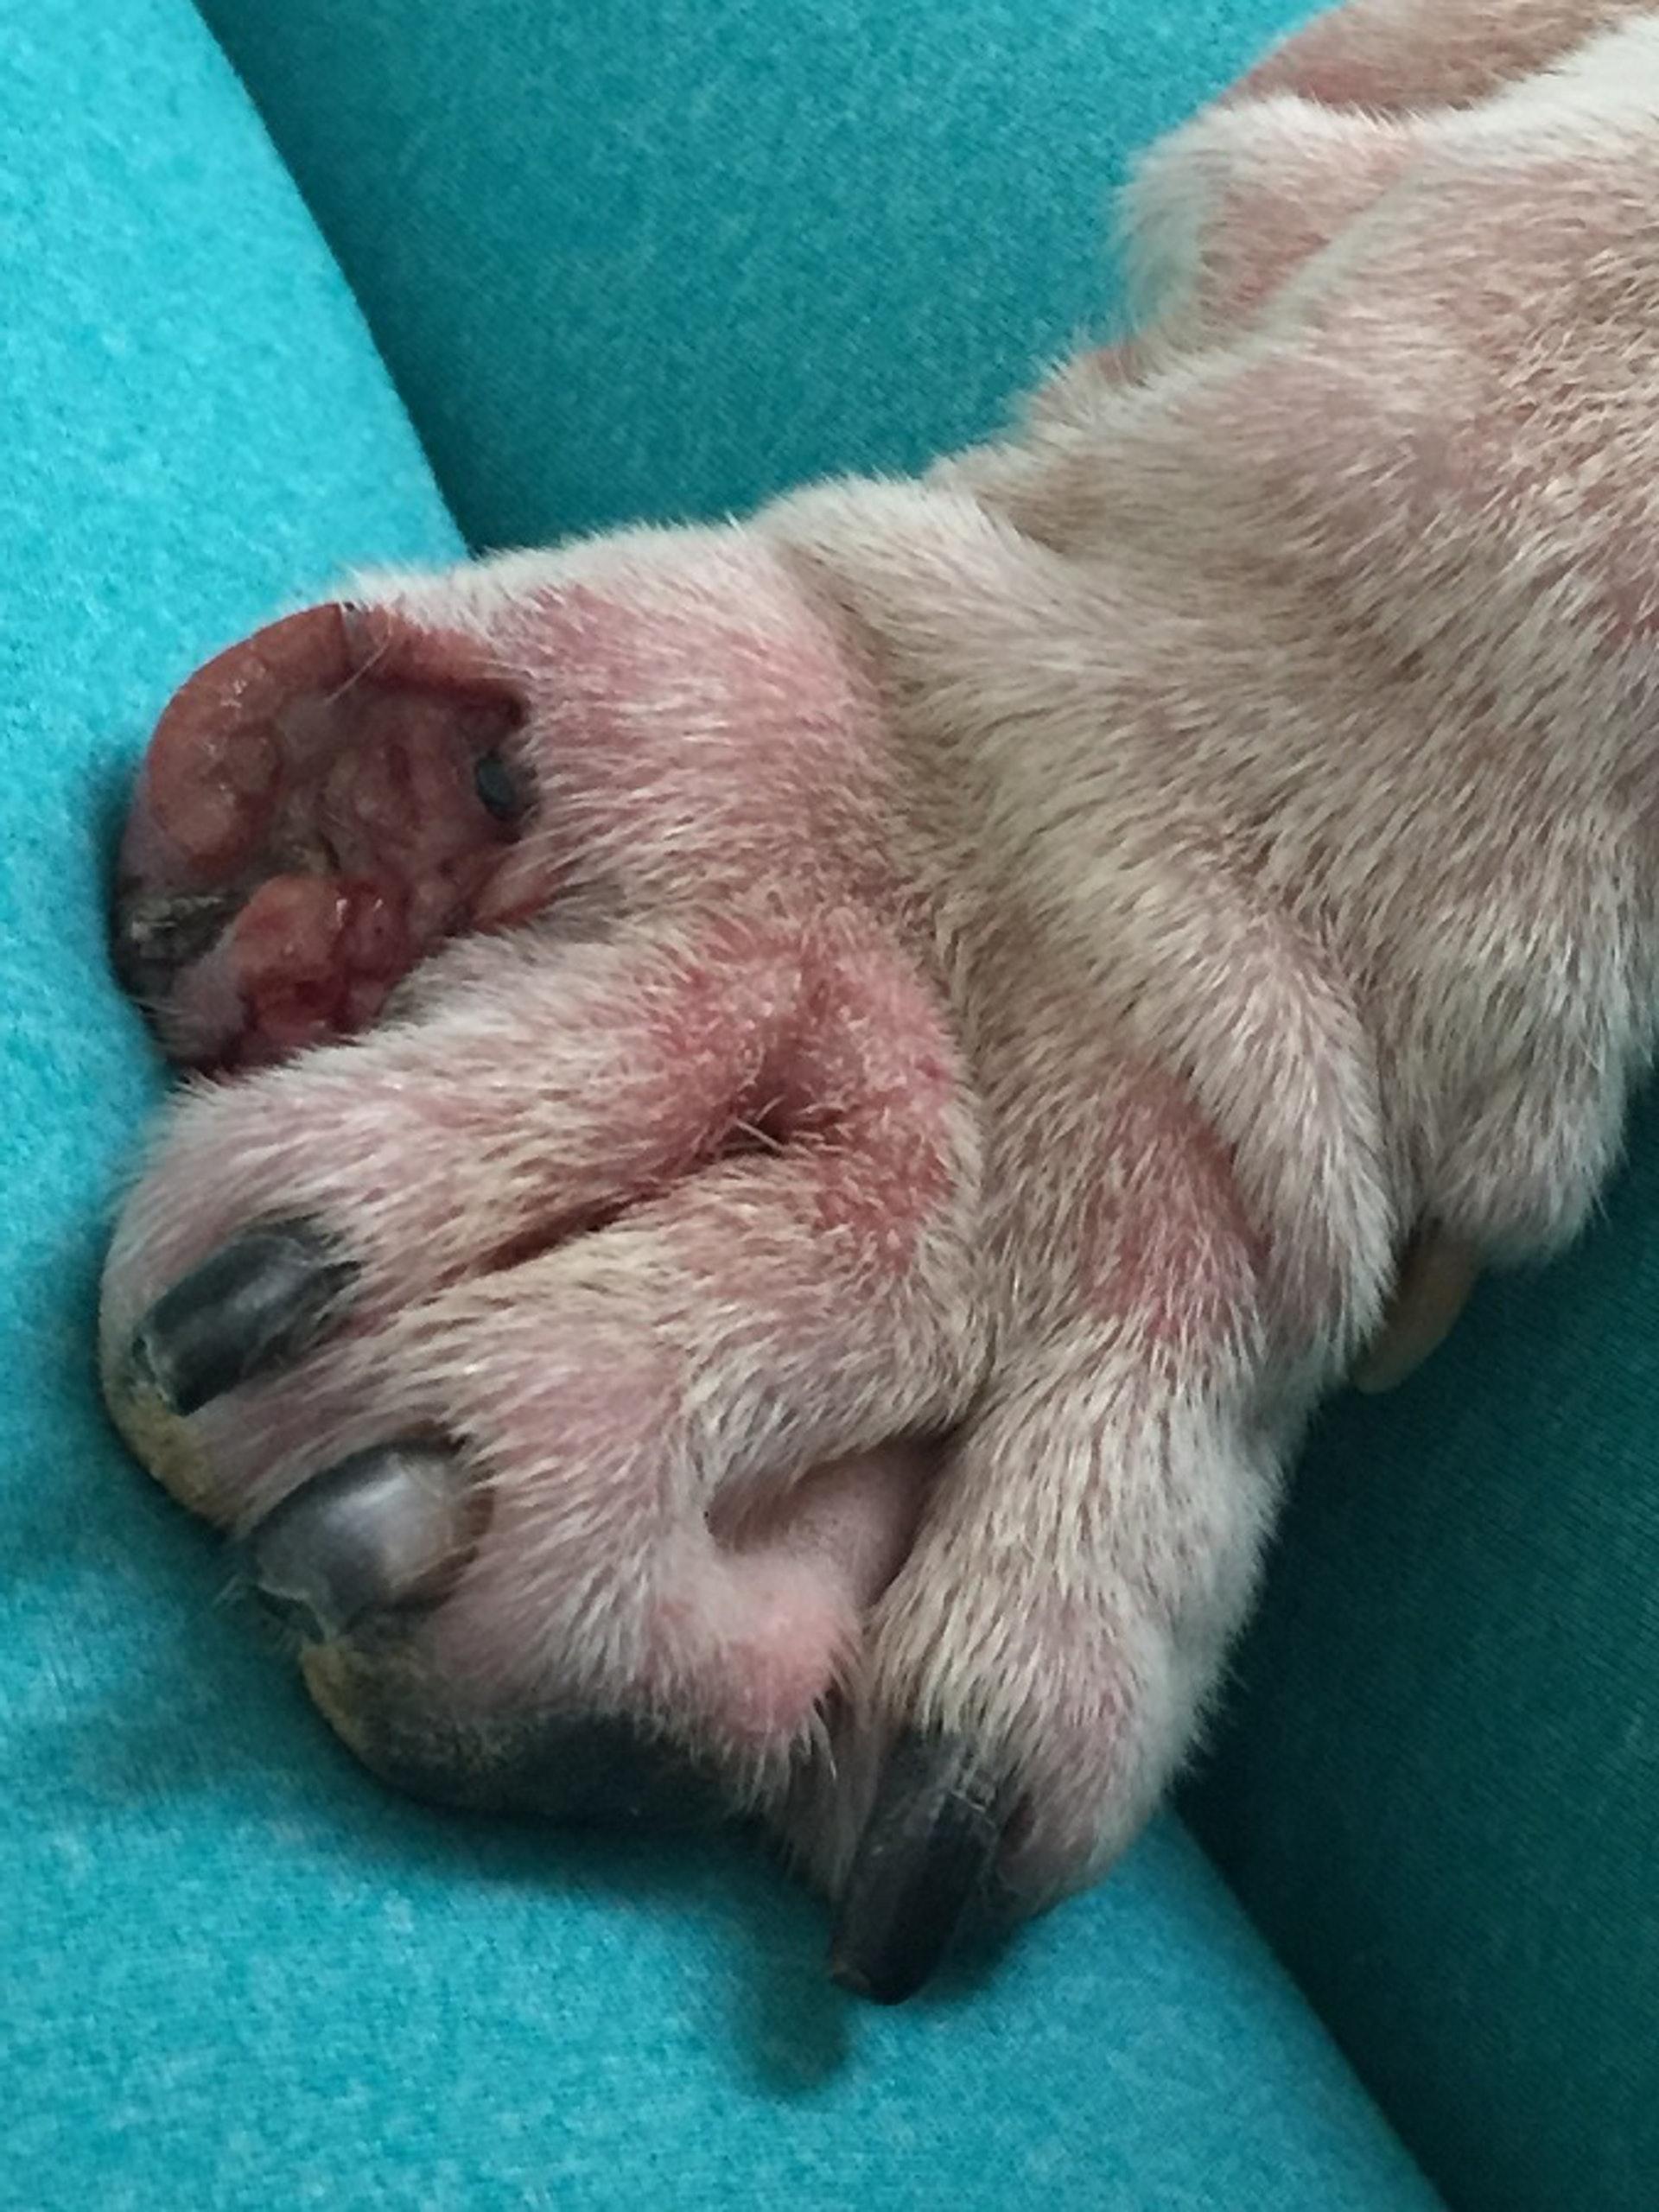 Jayne相信愛犬的前趾是被強行扯斷。(受訪者提供圖片)